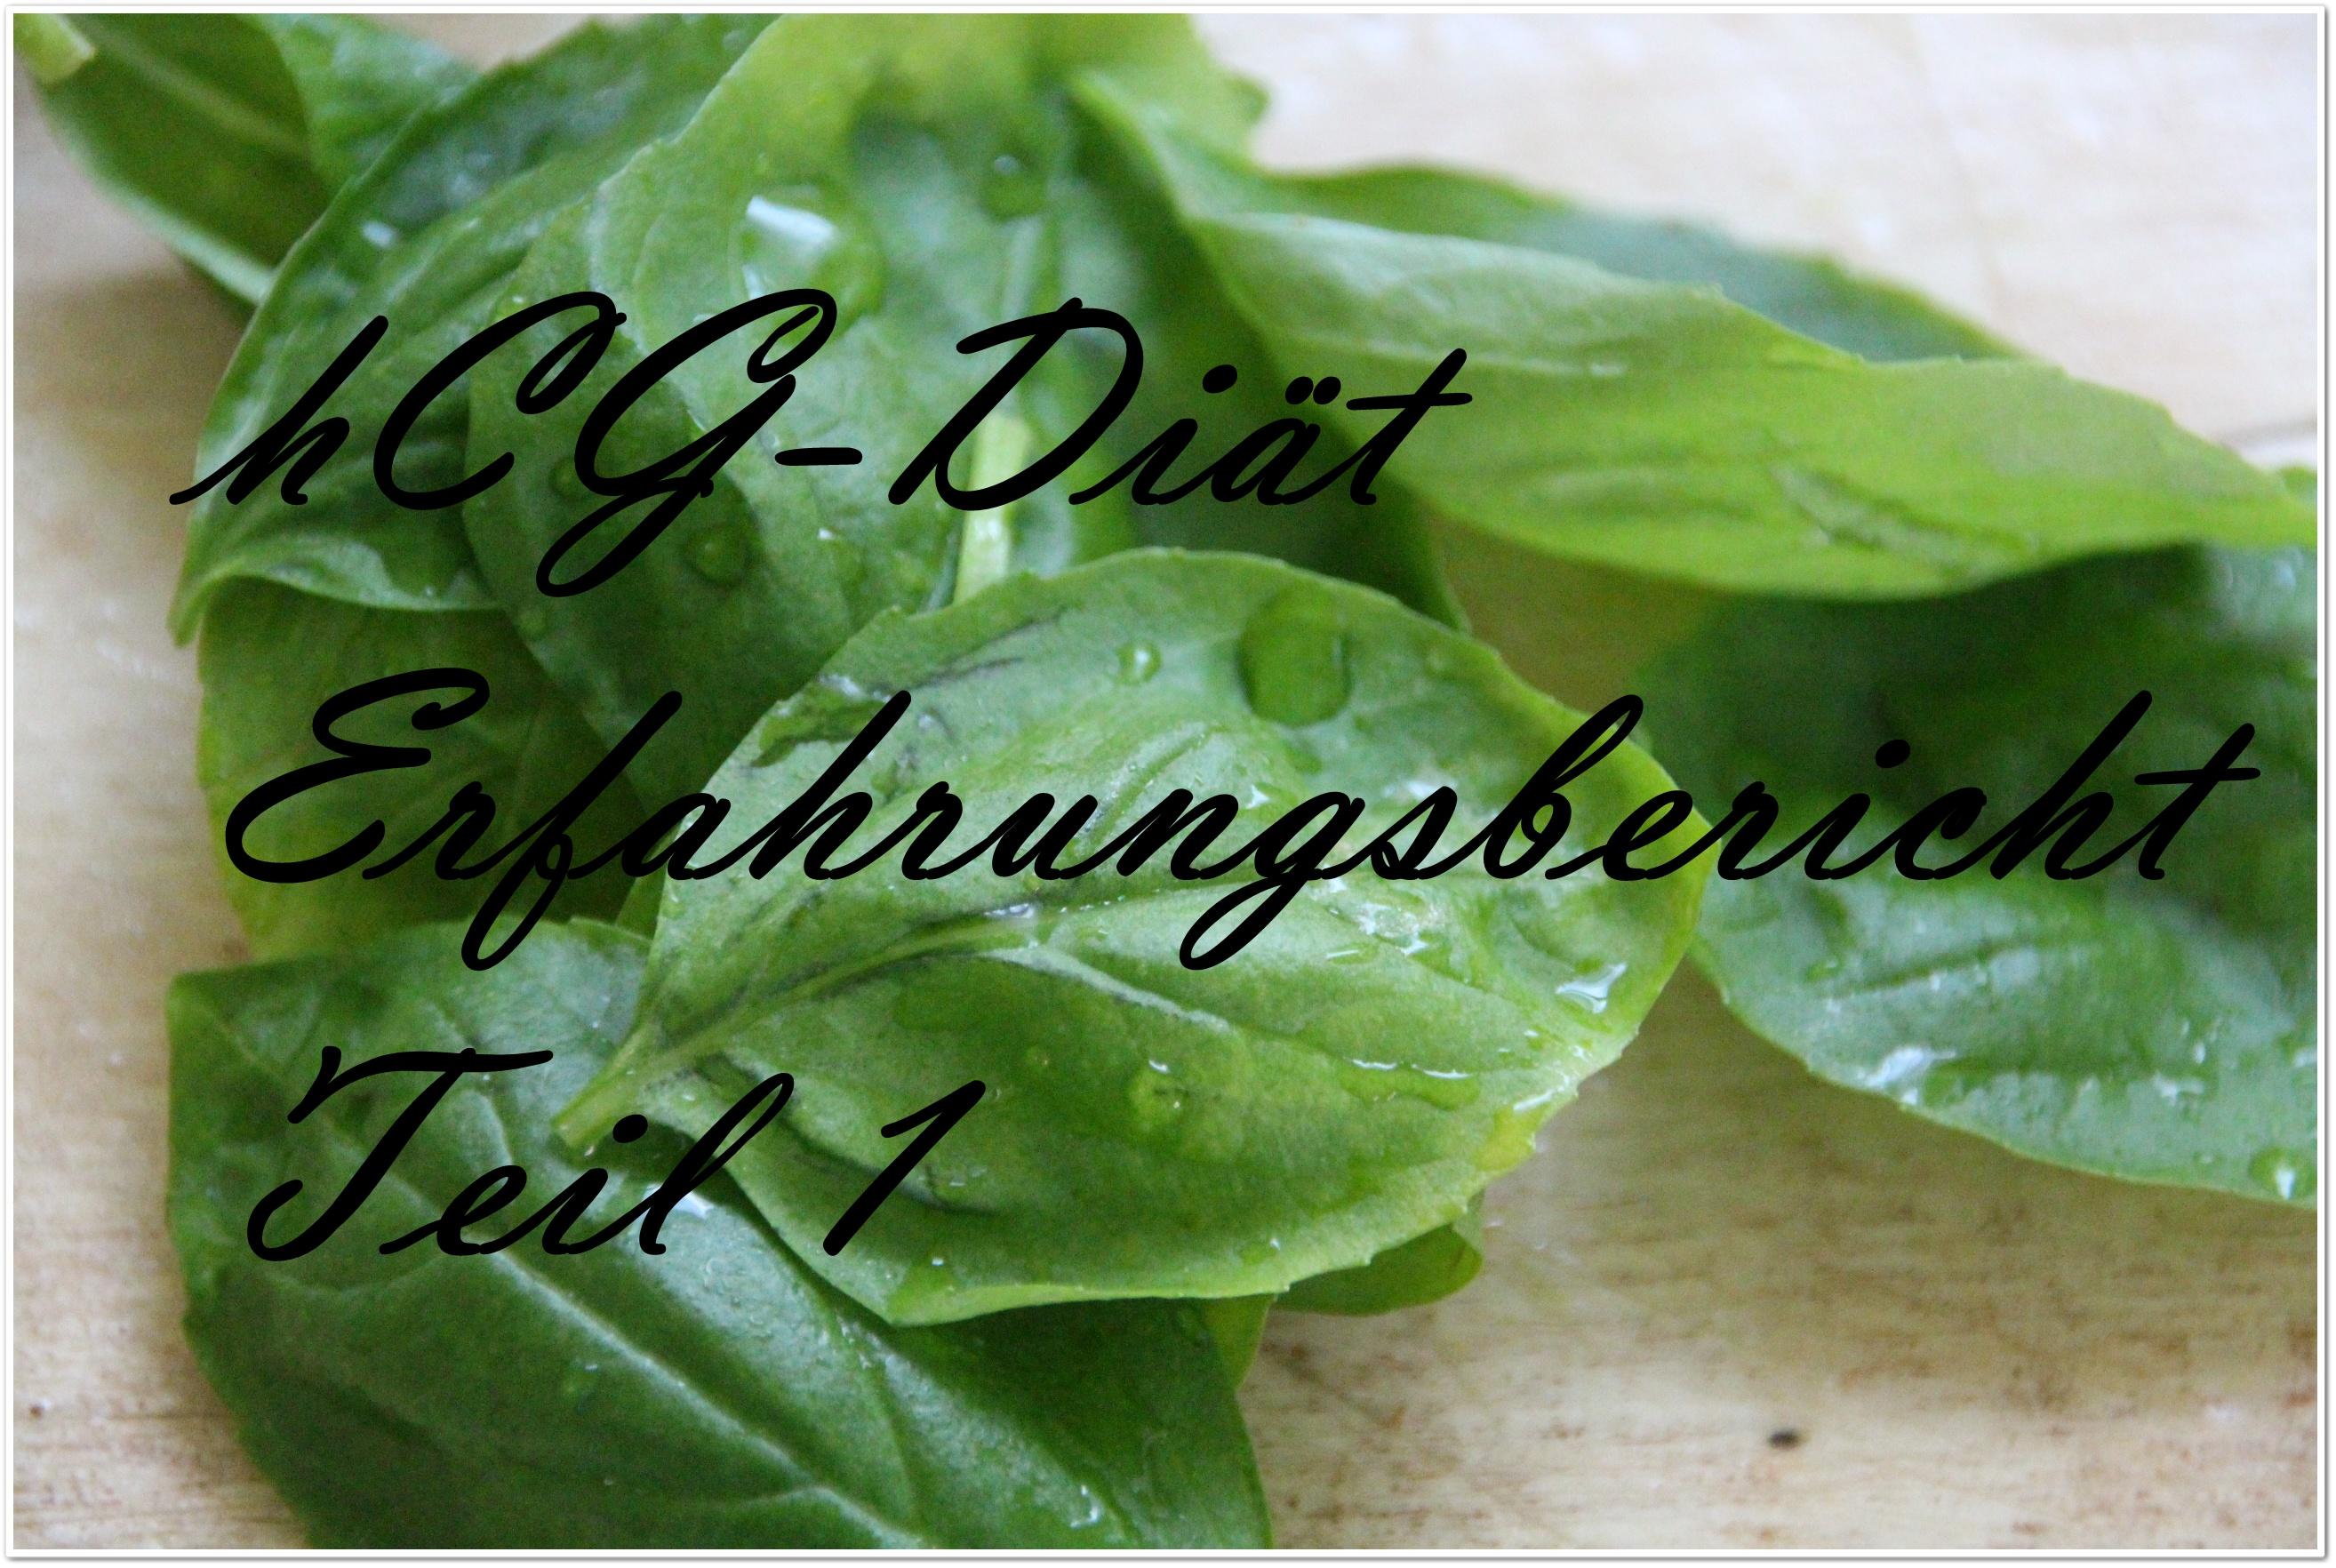 Erfahrungsbericht Teil 1: meine hCG-Diät (Tag 1-3)